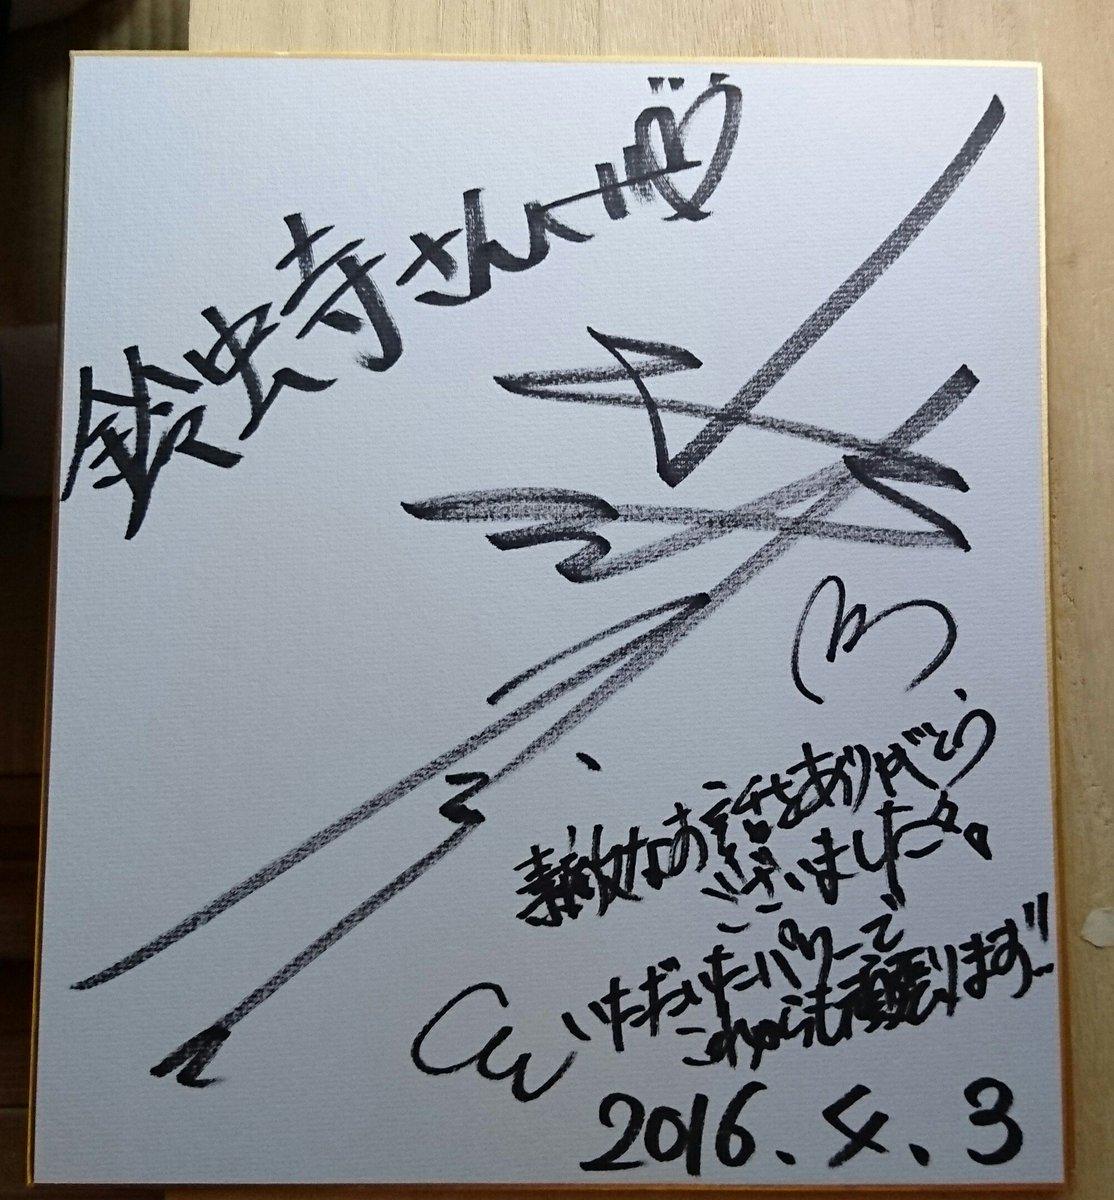 奈々さん東京ドームGALAXY前にサイン残してたんや! https://t.co/iwL28MynNc